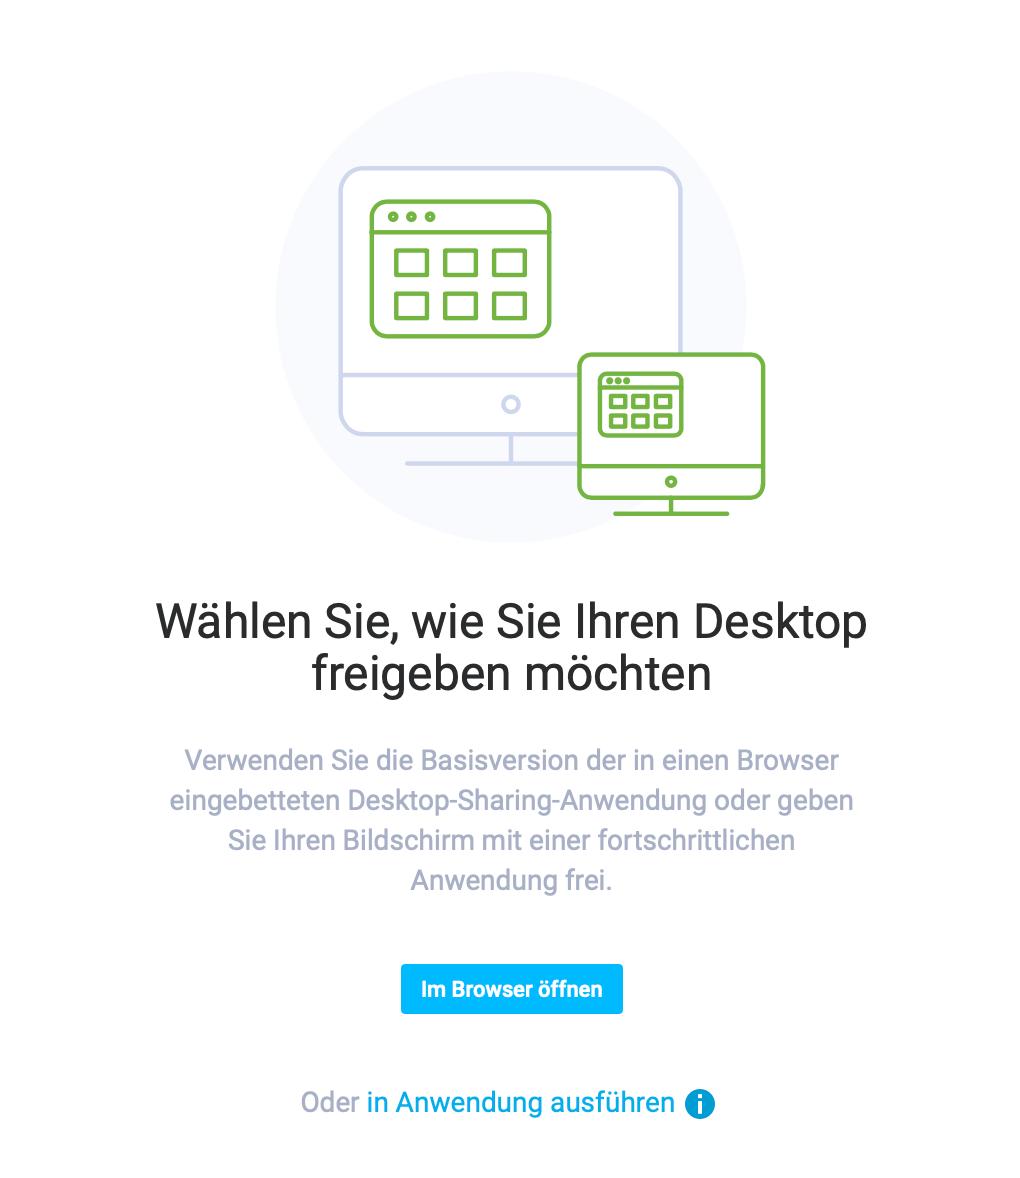 Wählen Sie, wie Sie Desktop-Sharing anwenden wollen.